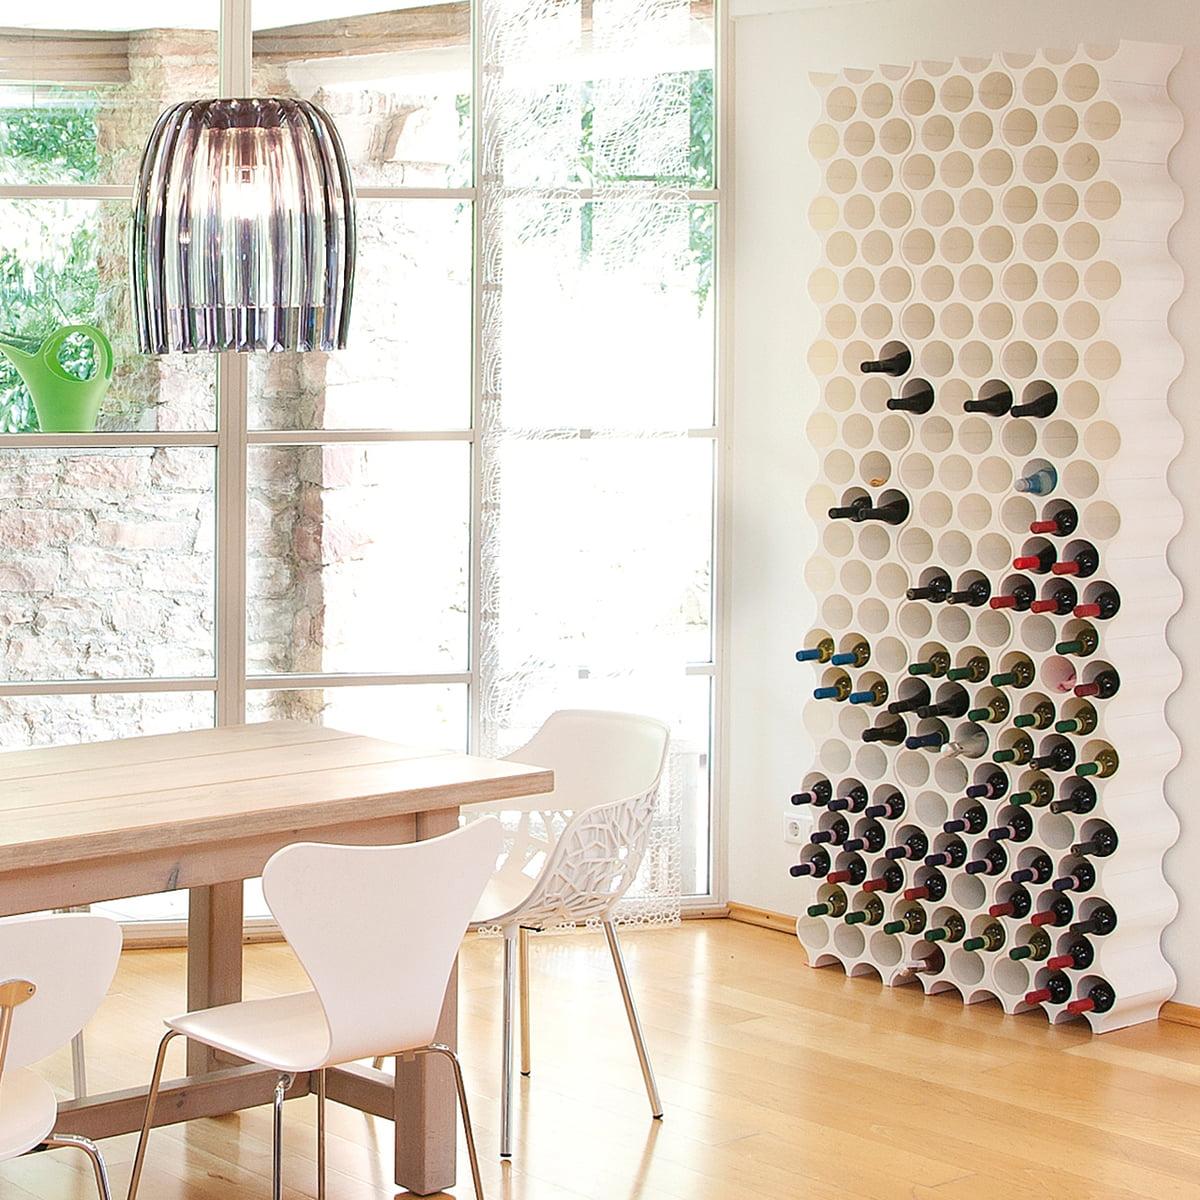 flaschenregal set up koziol shop. Black Bedroom Furniture Sets. Home Design Ideas